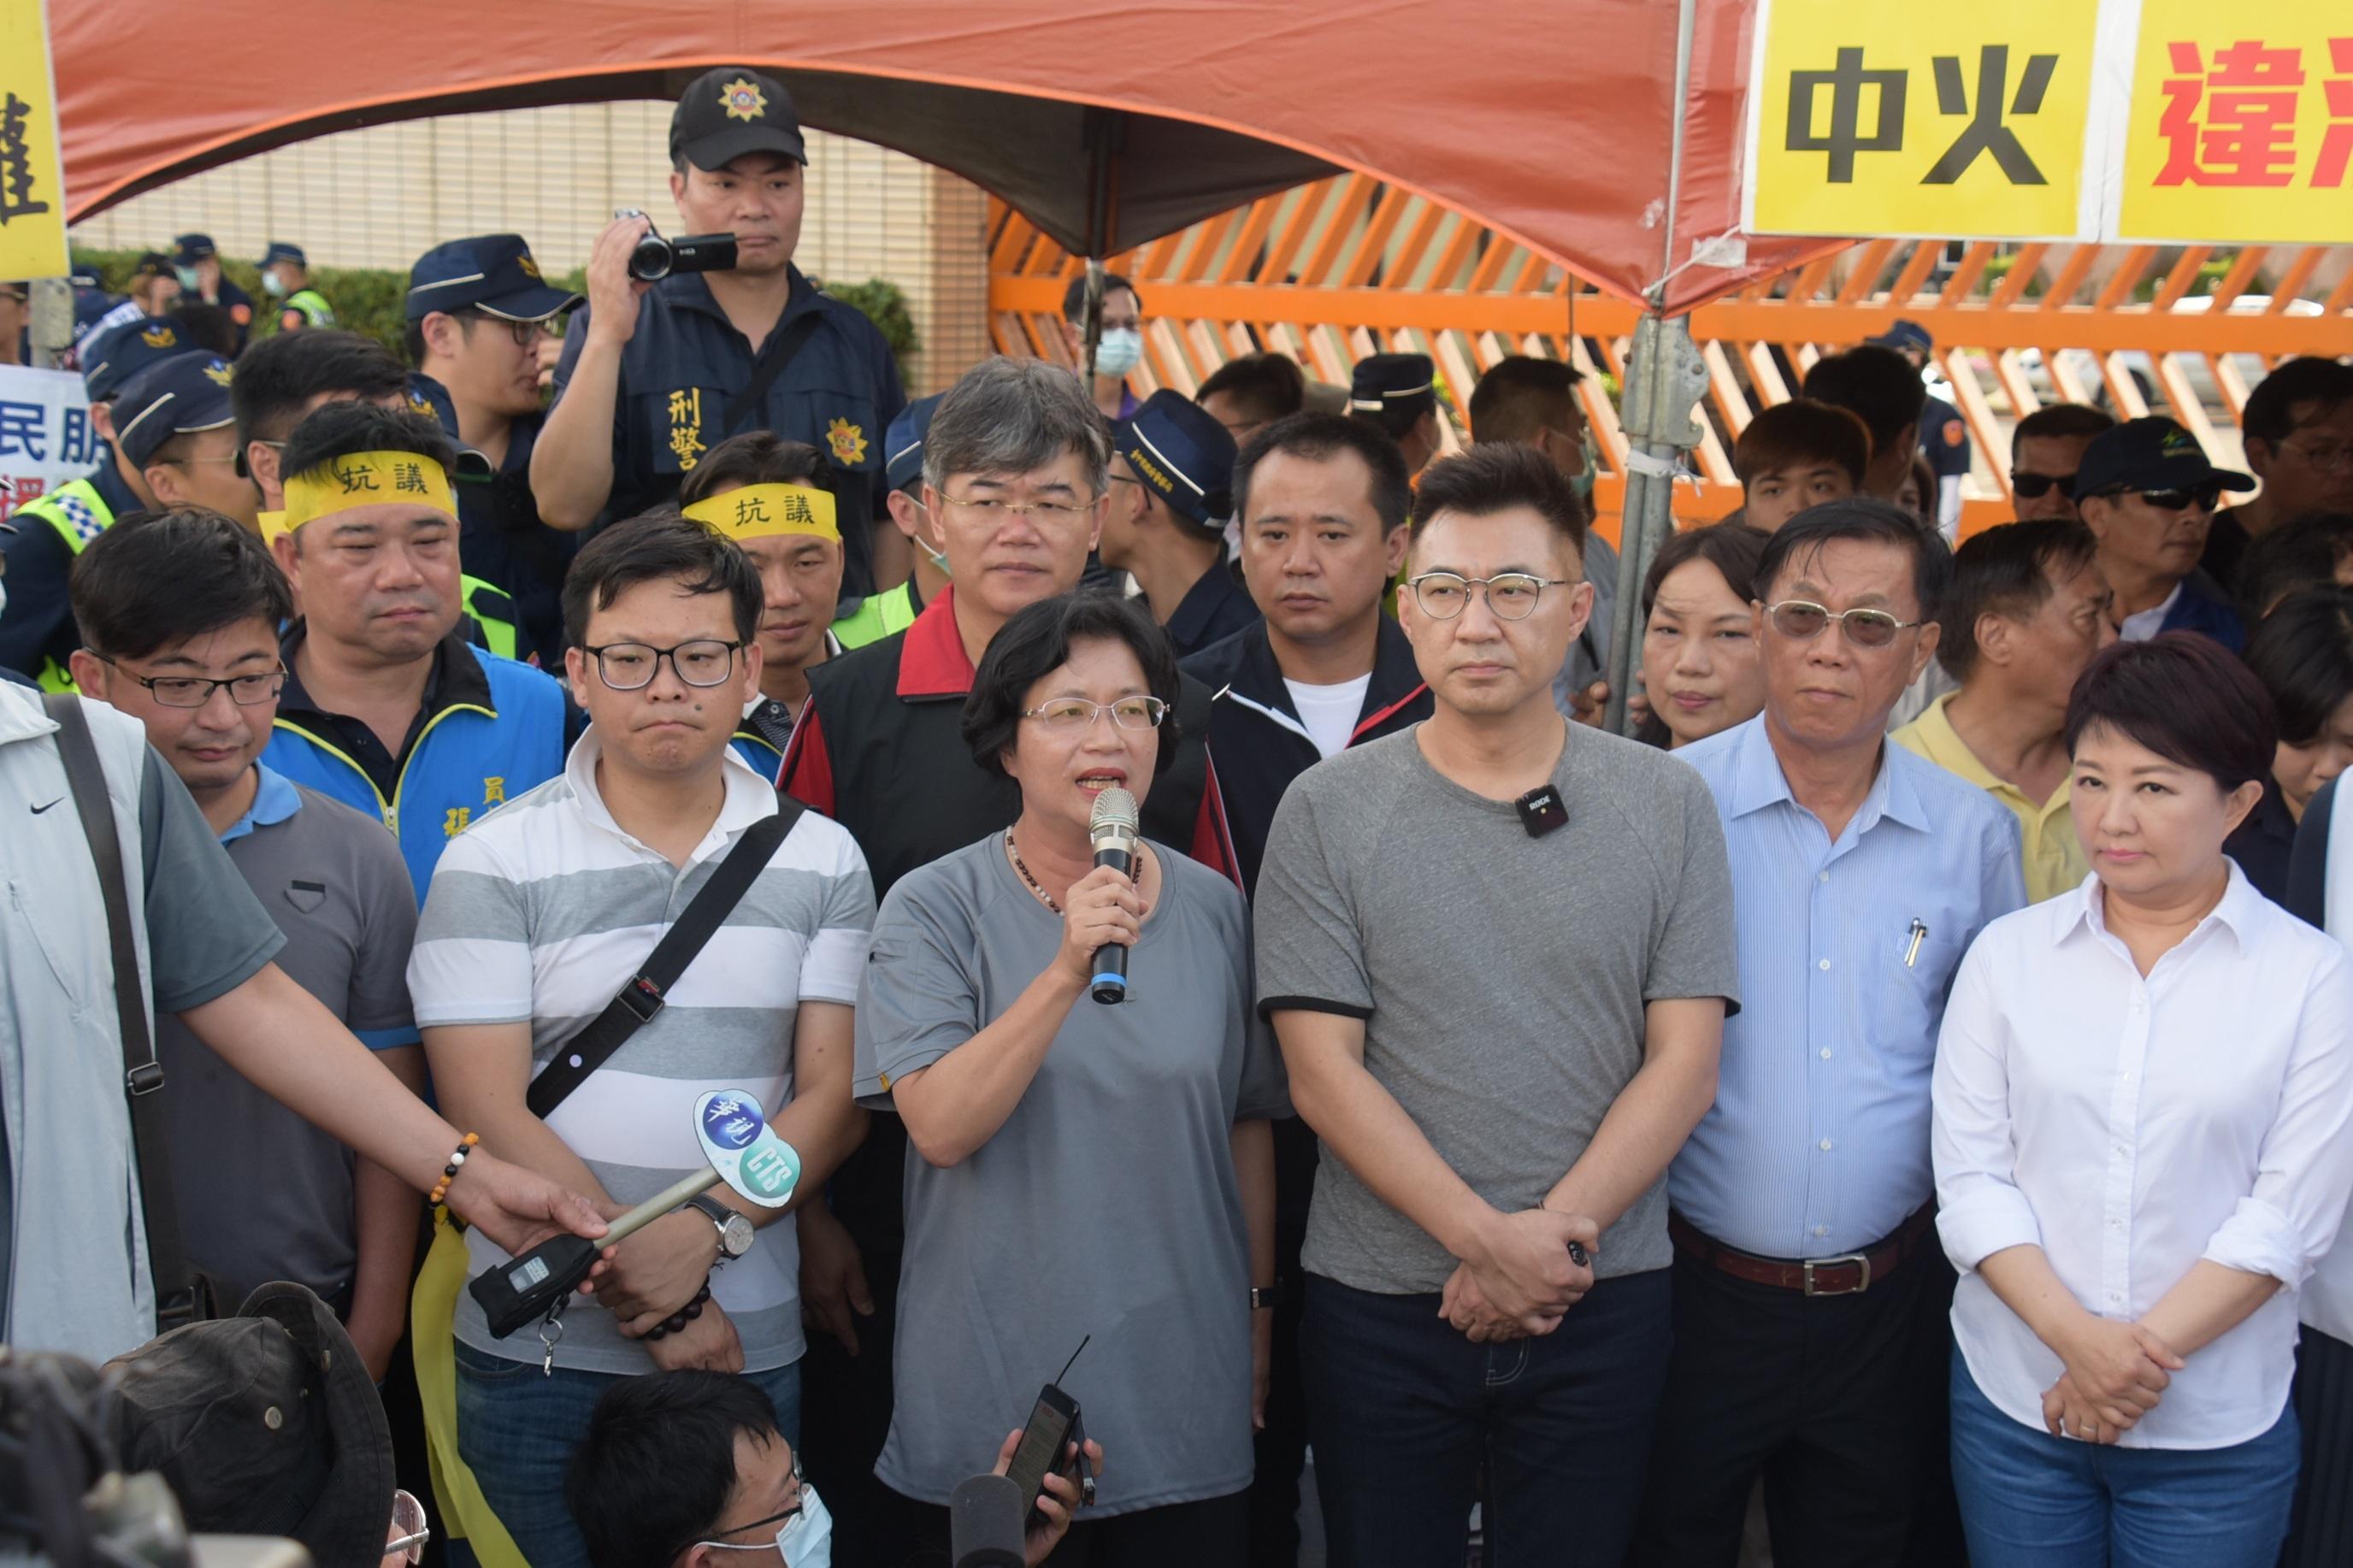 彰化縣長王惠美 要求中火停止2號機看顧縣民的健康